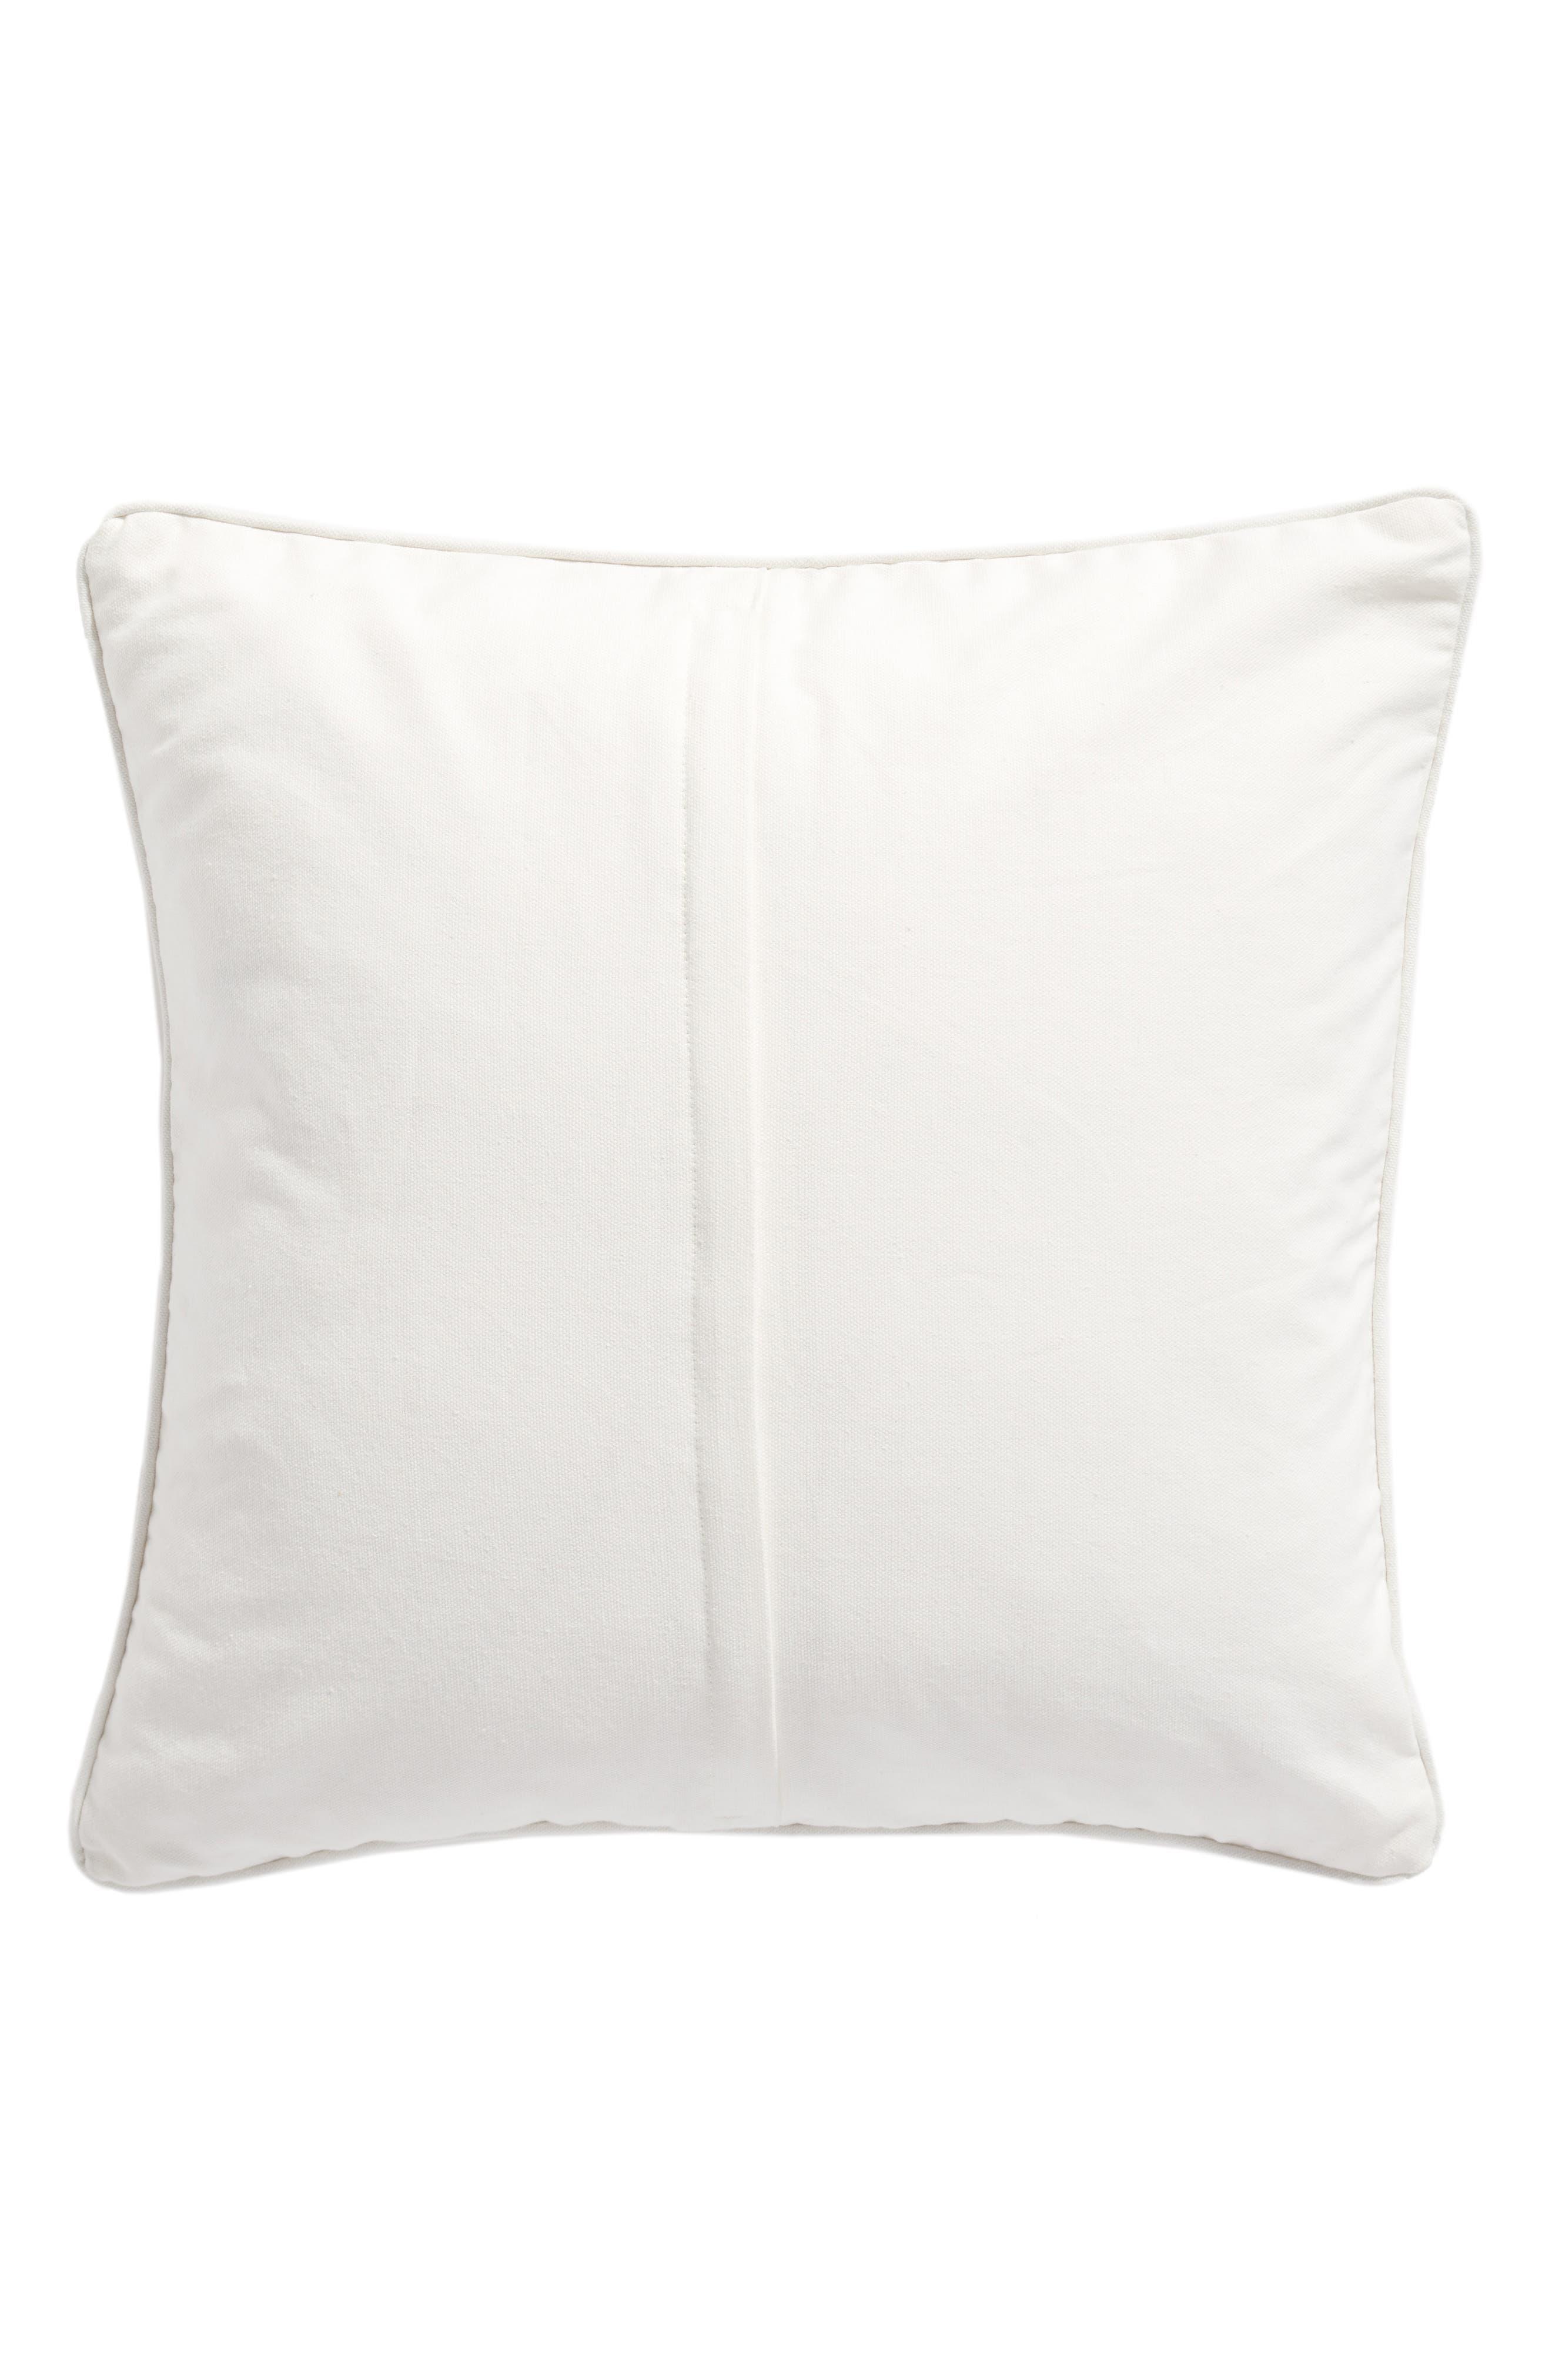 Unicorn Sequin Pillow,                             Alternate thumbnail 2, color,